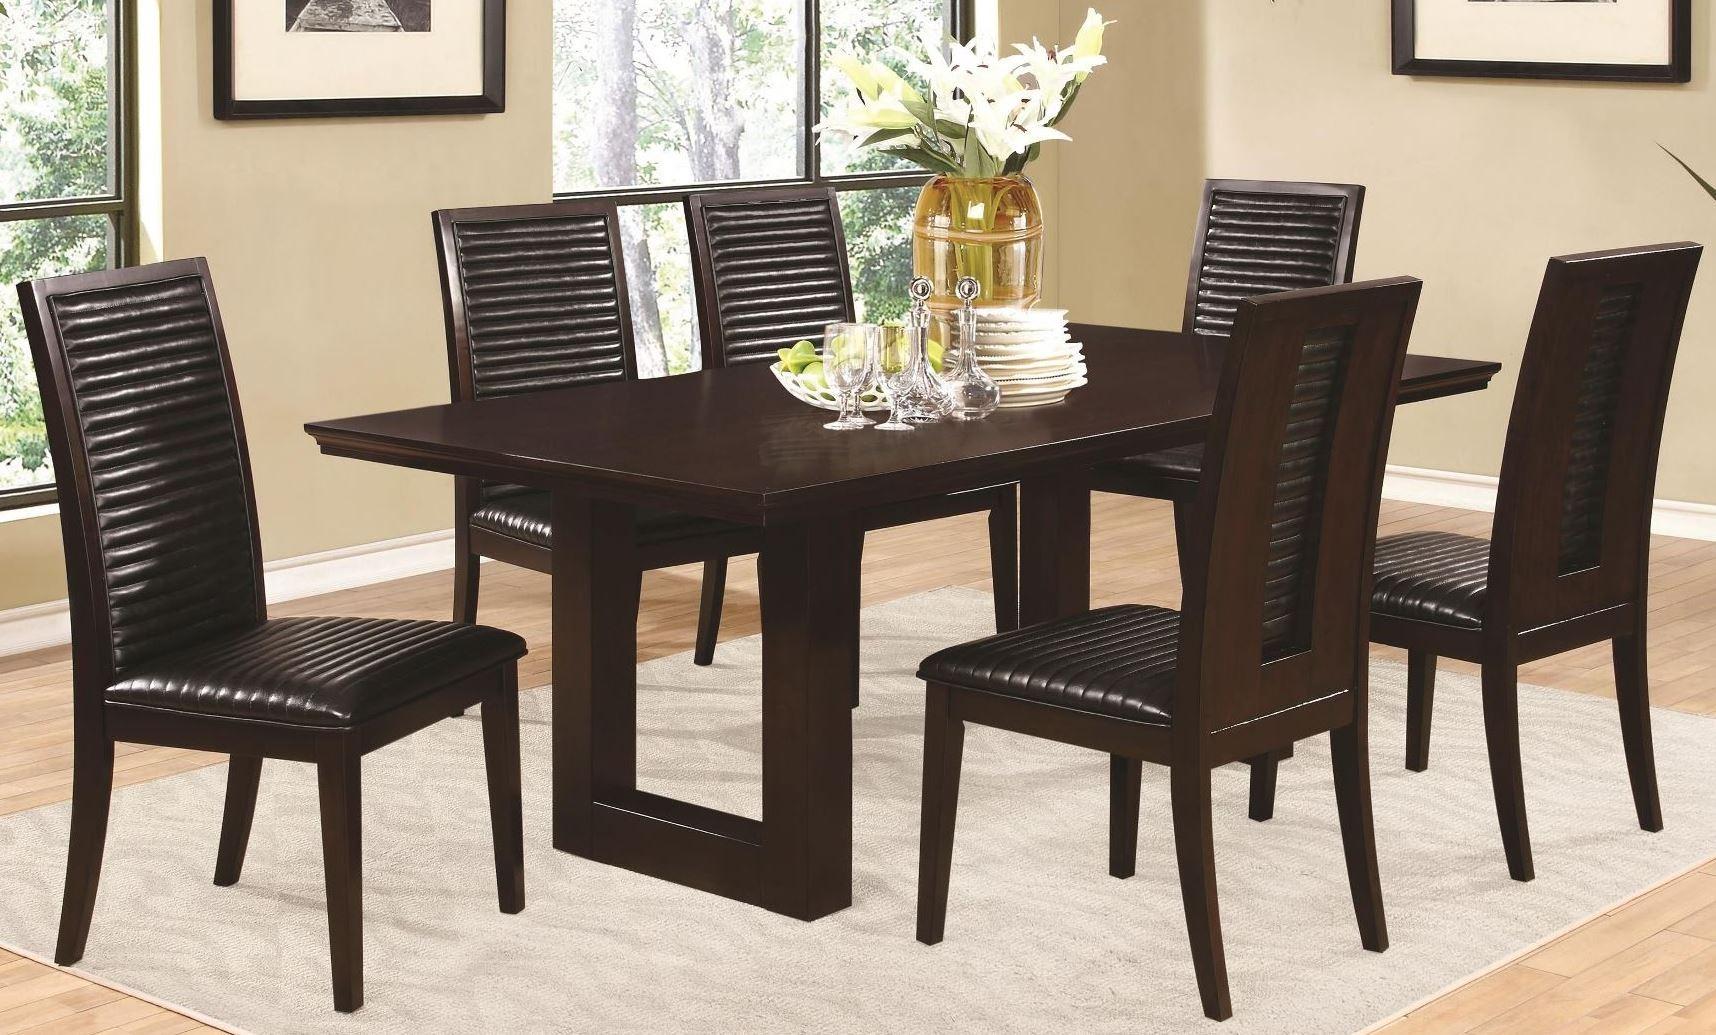 chester rectangular pedestal dining room set from coaster 105721 coleman furniture. Black Bedroom Furniture Sets. Home Design Ideas